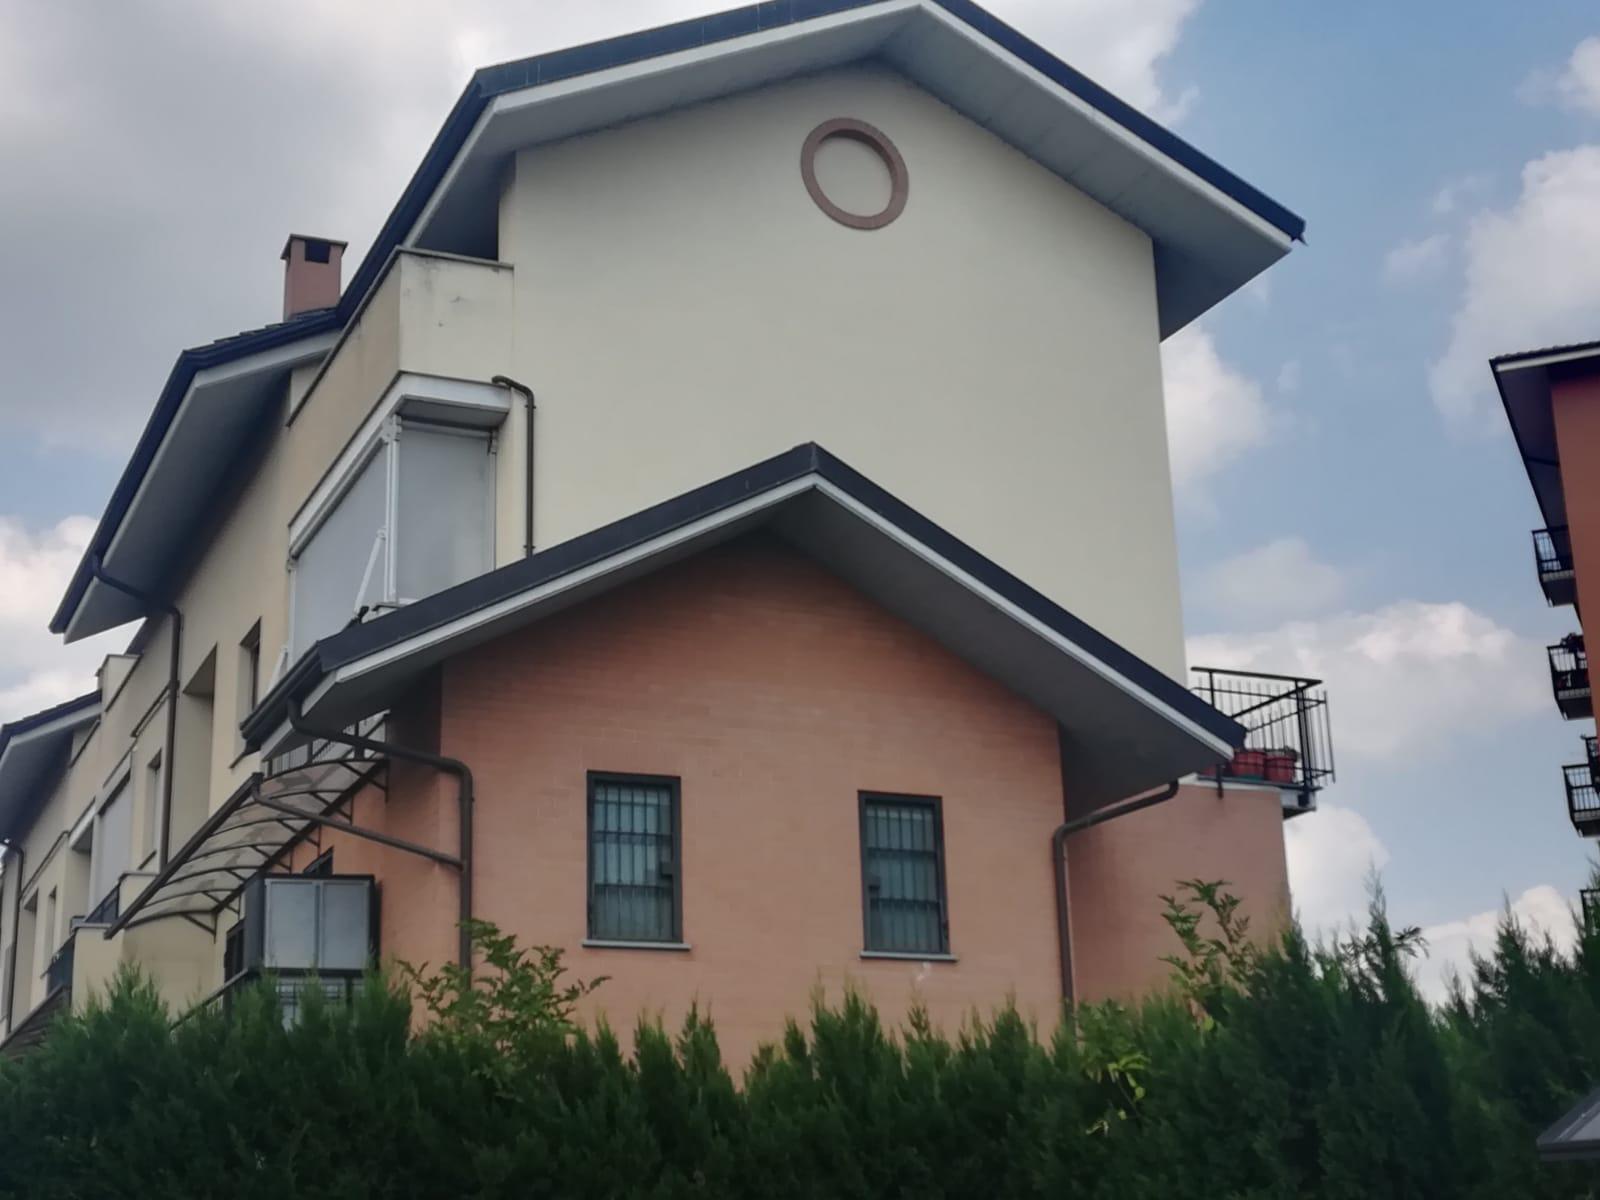 Via Santa Maria 29 Moncalieri (TO) in piccolo condominio di recente costruzione.